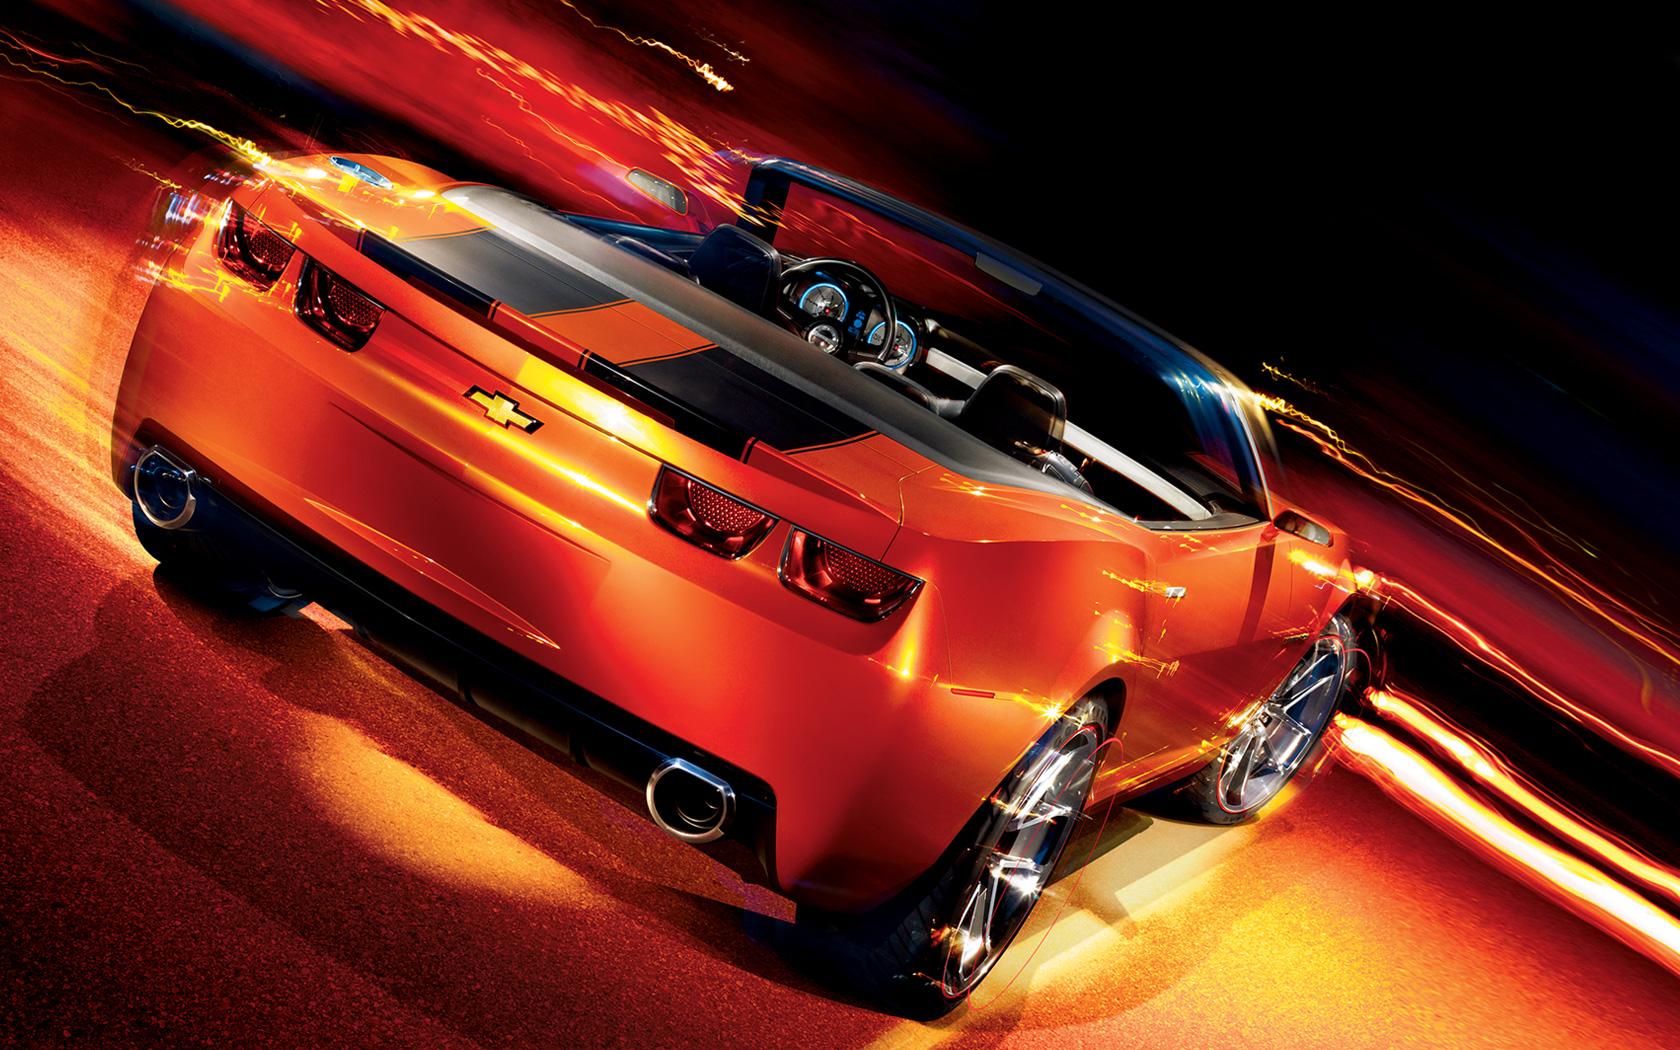 Fahrzeuge - Chevrolet Camaro  Audi Hintergrundbild